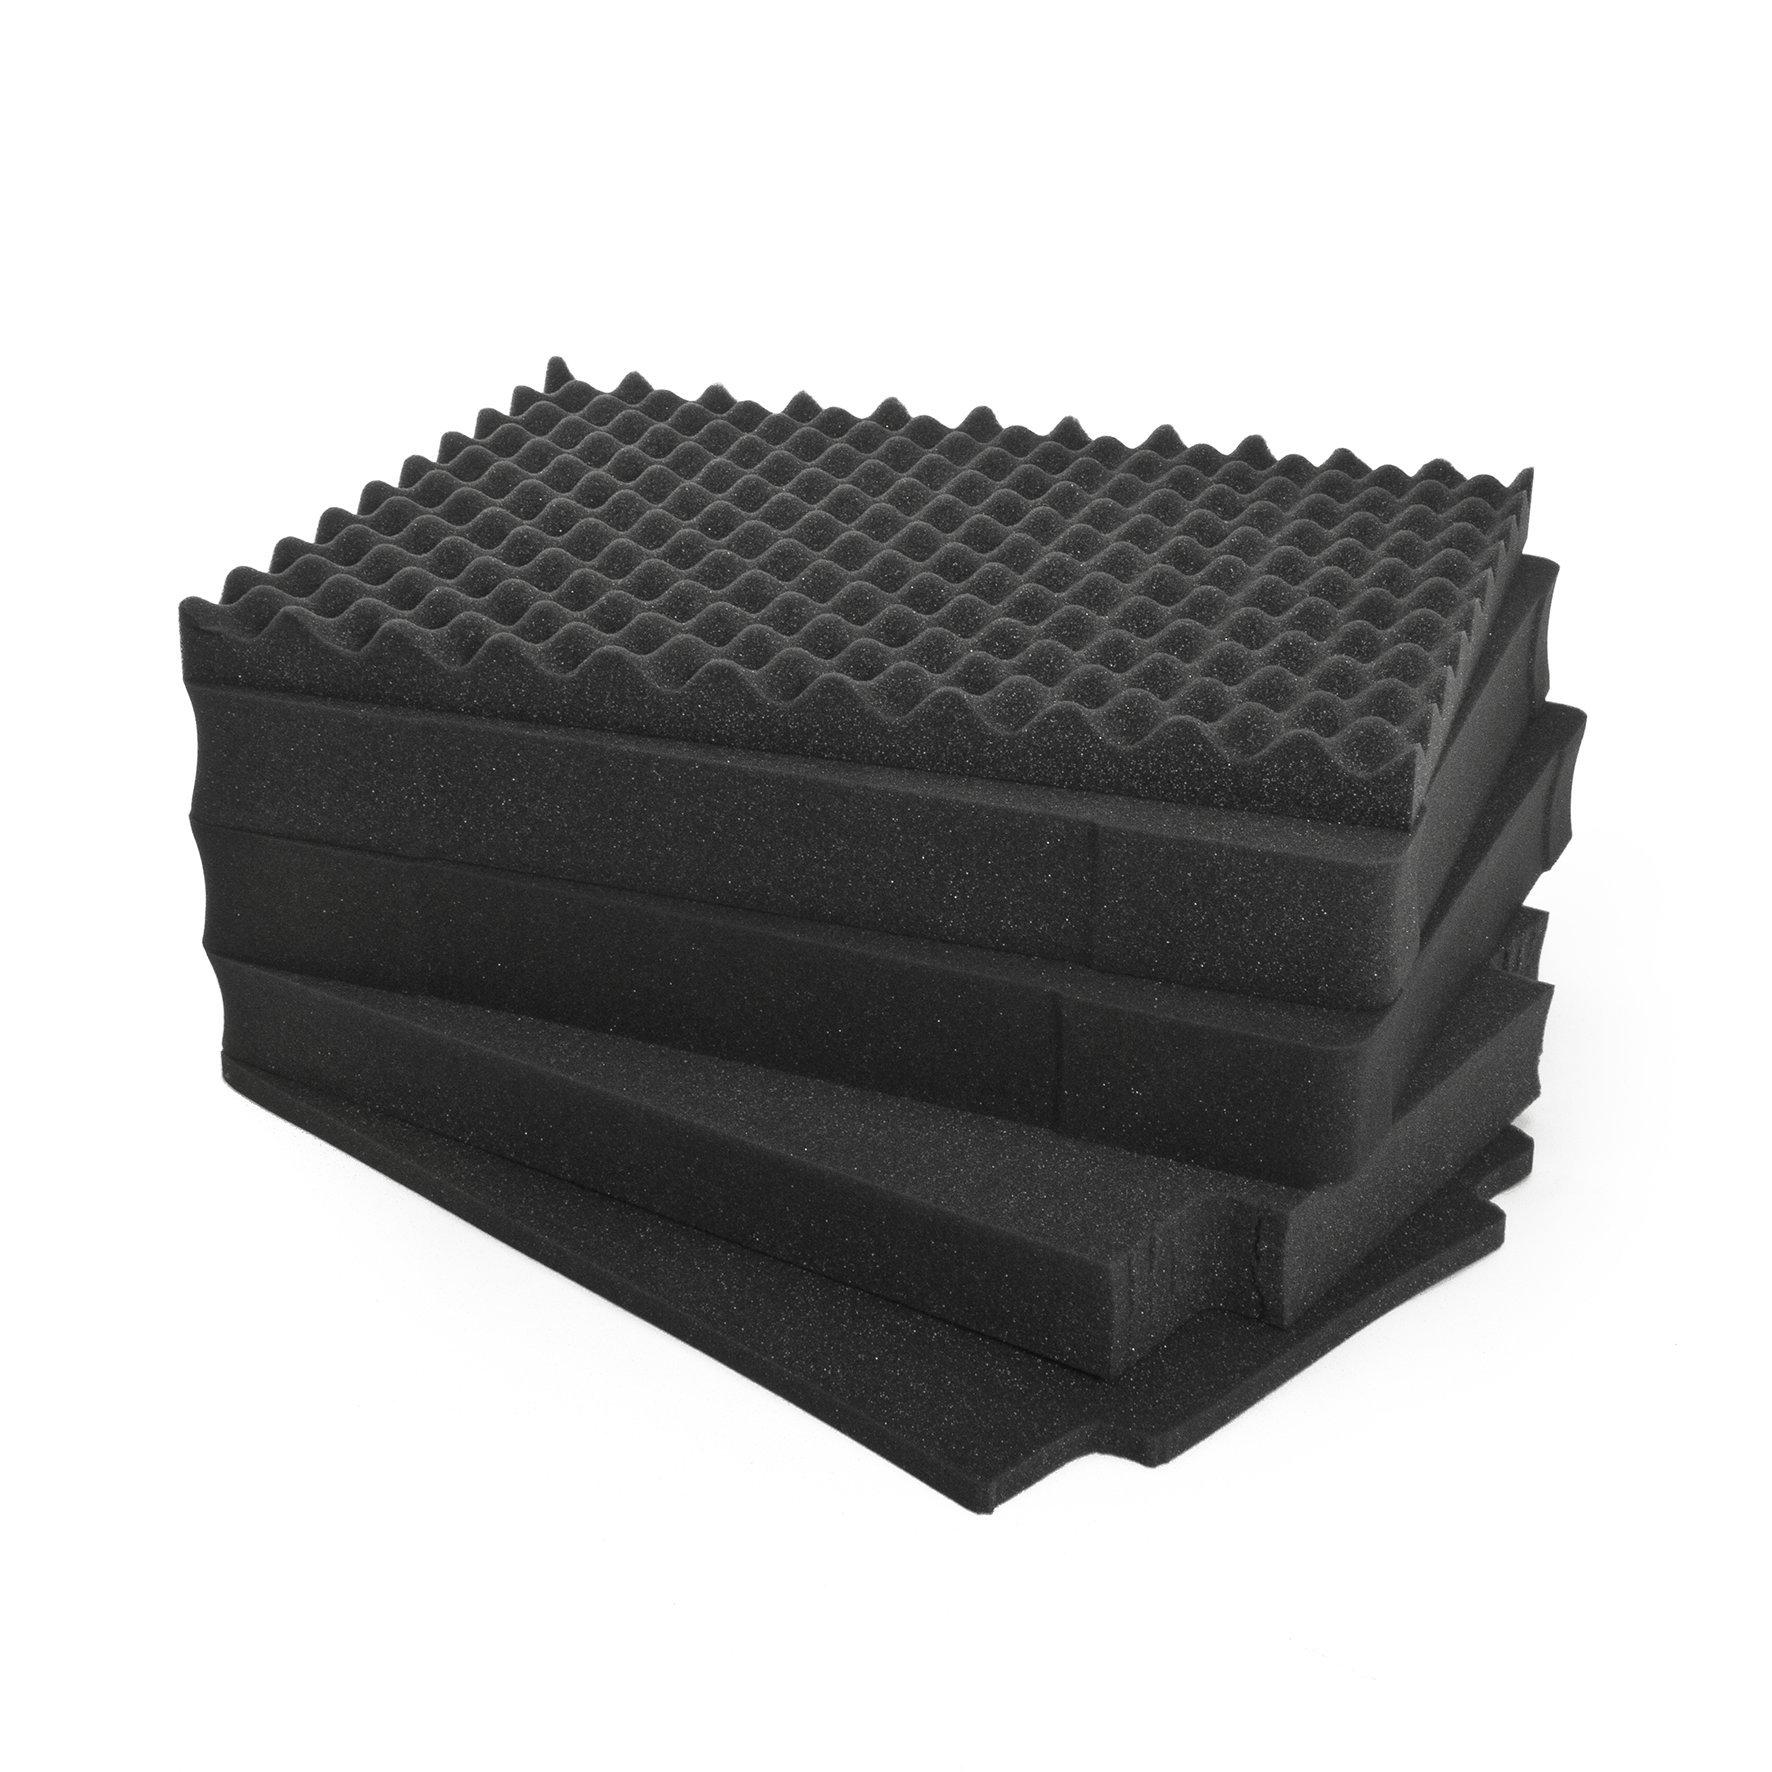 Foam inserts (6 part) for 960 Nanuk Case